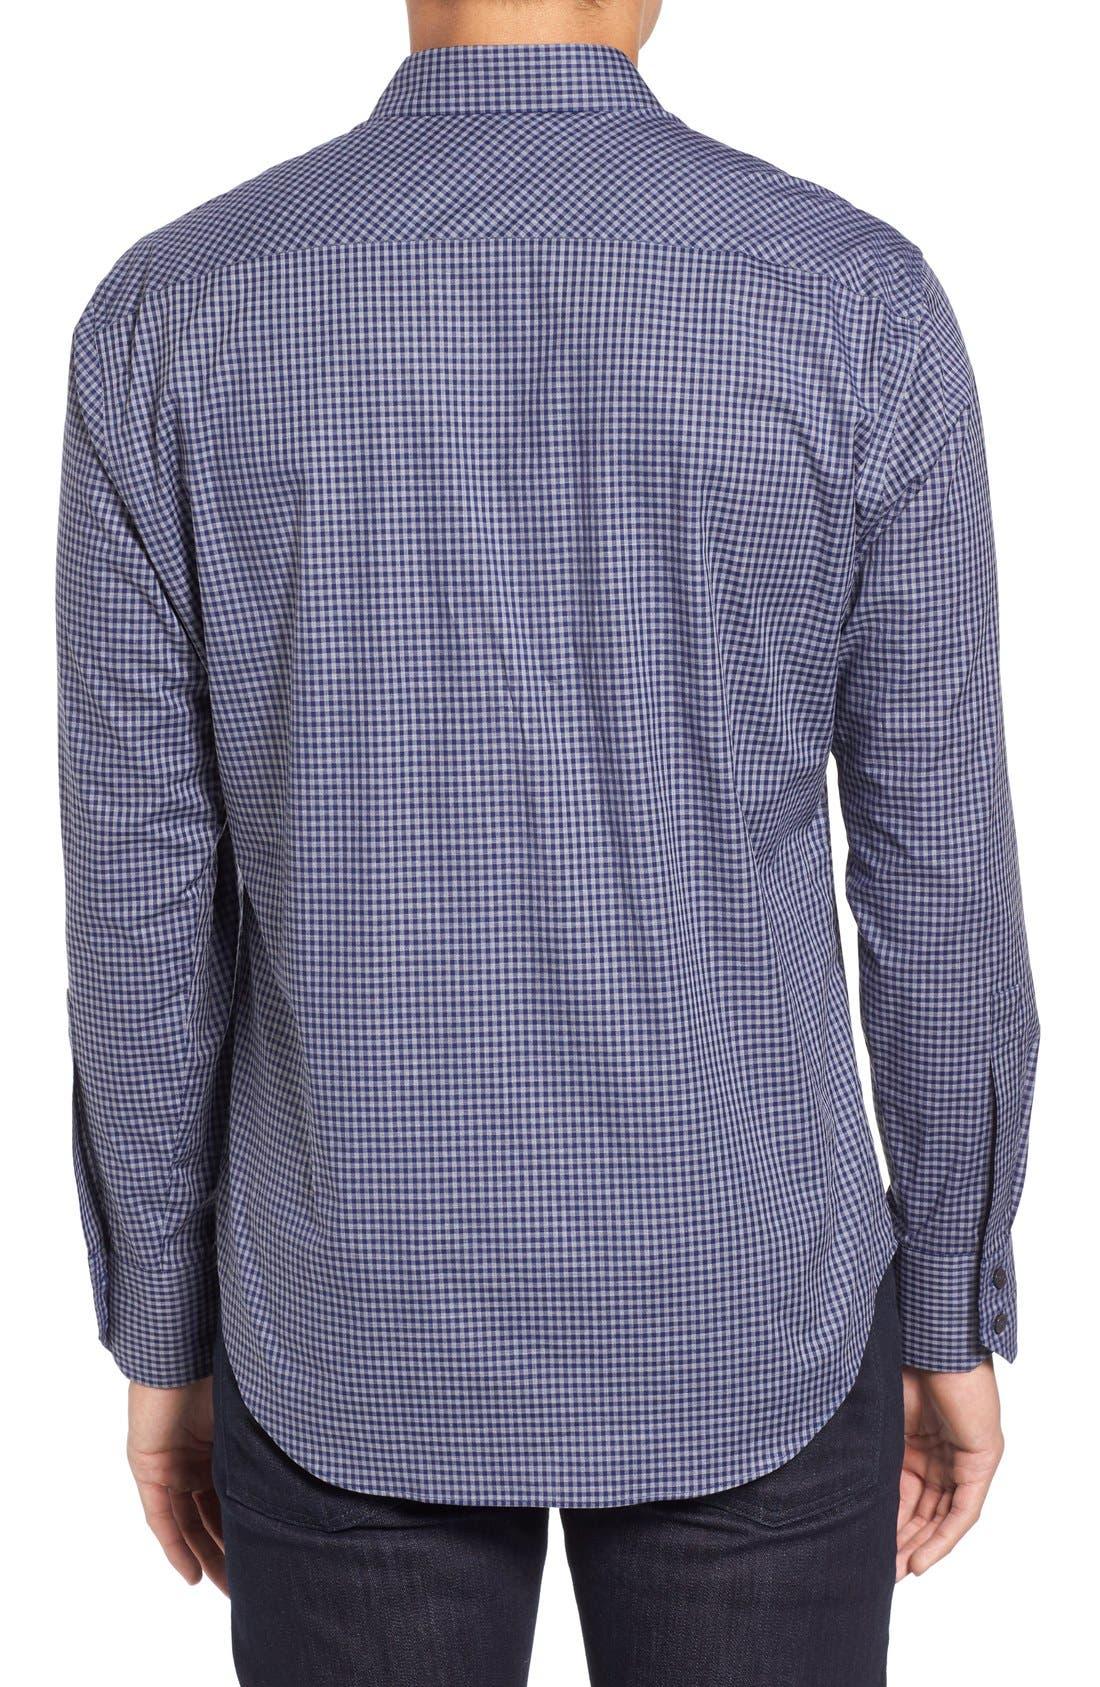 Fitzpatrick Trim Fit Sport Shirt,                             Alternate thumbnail 2, color,                             400